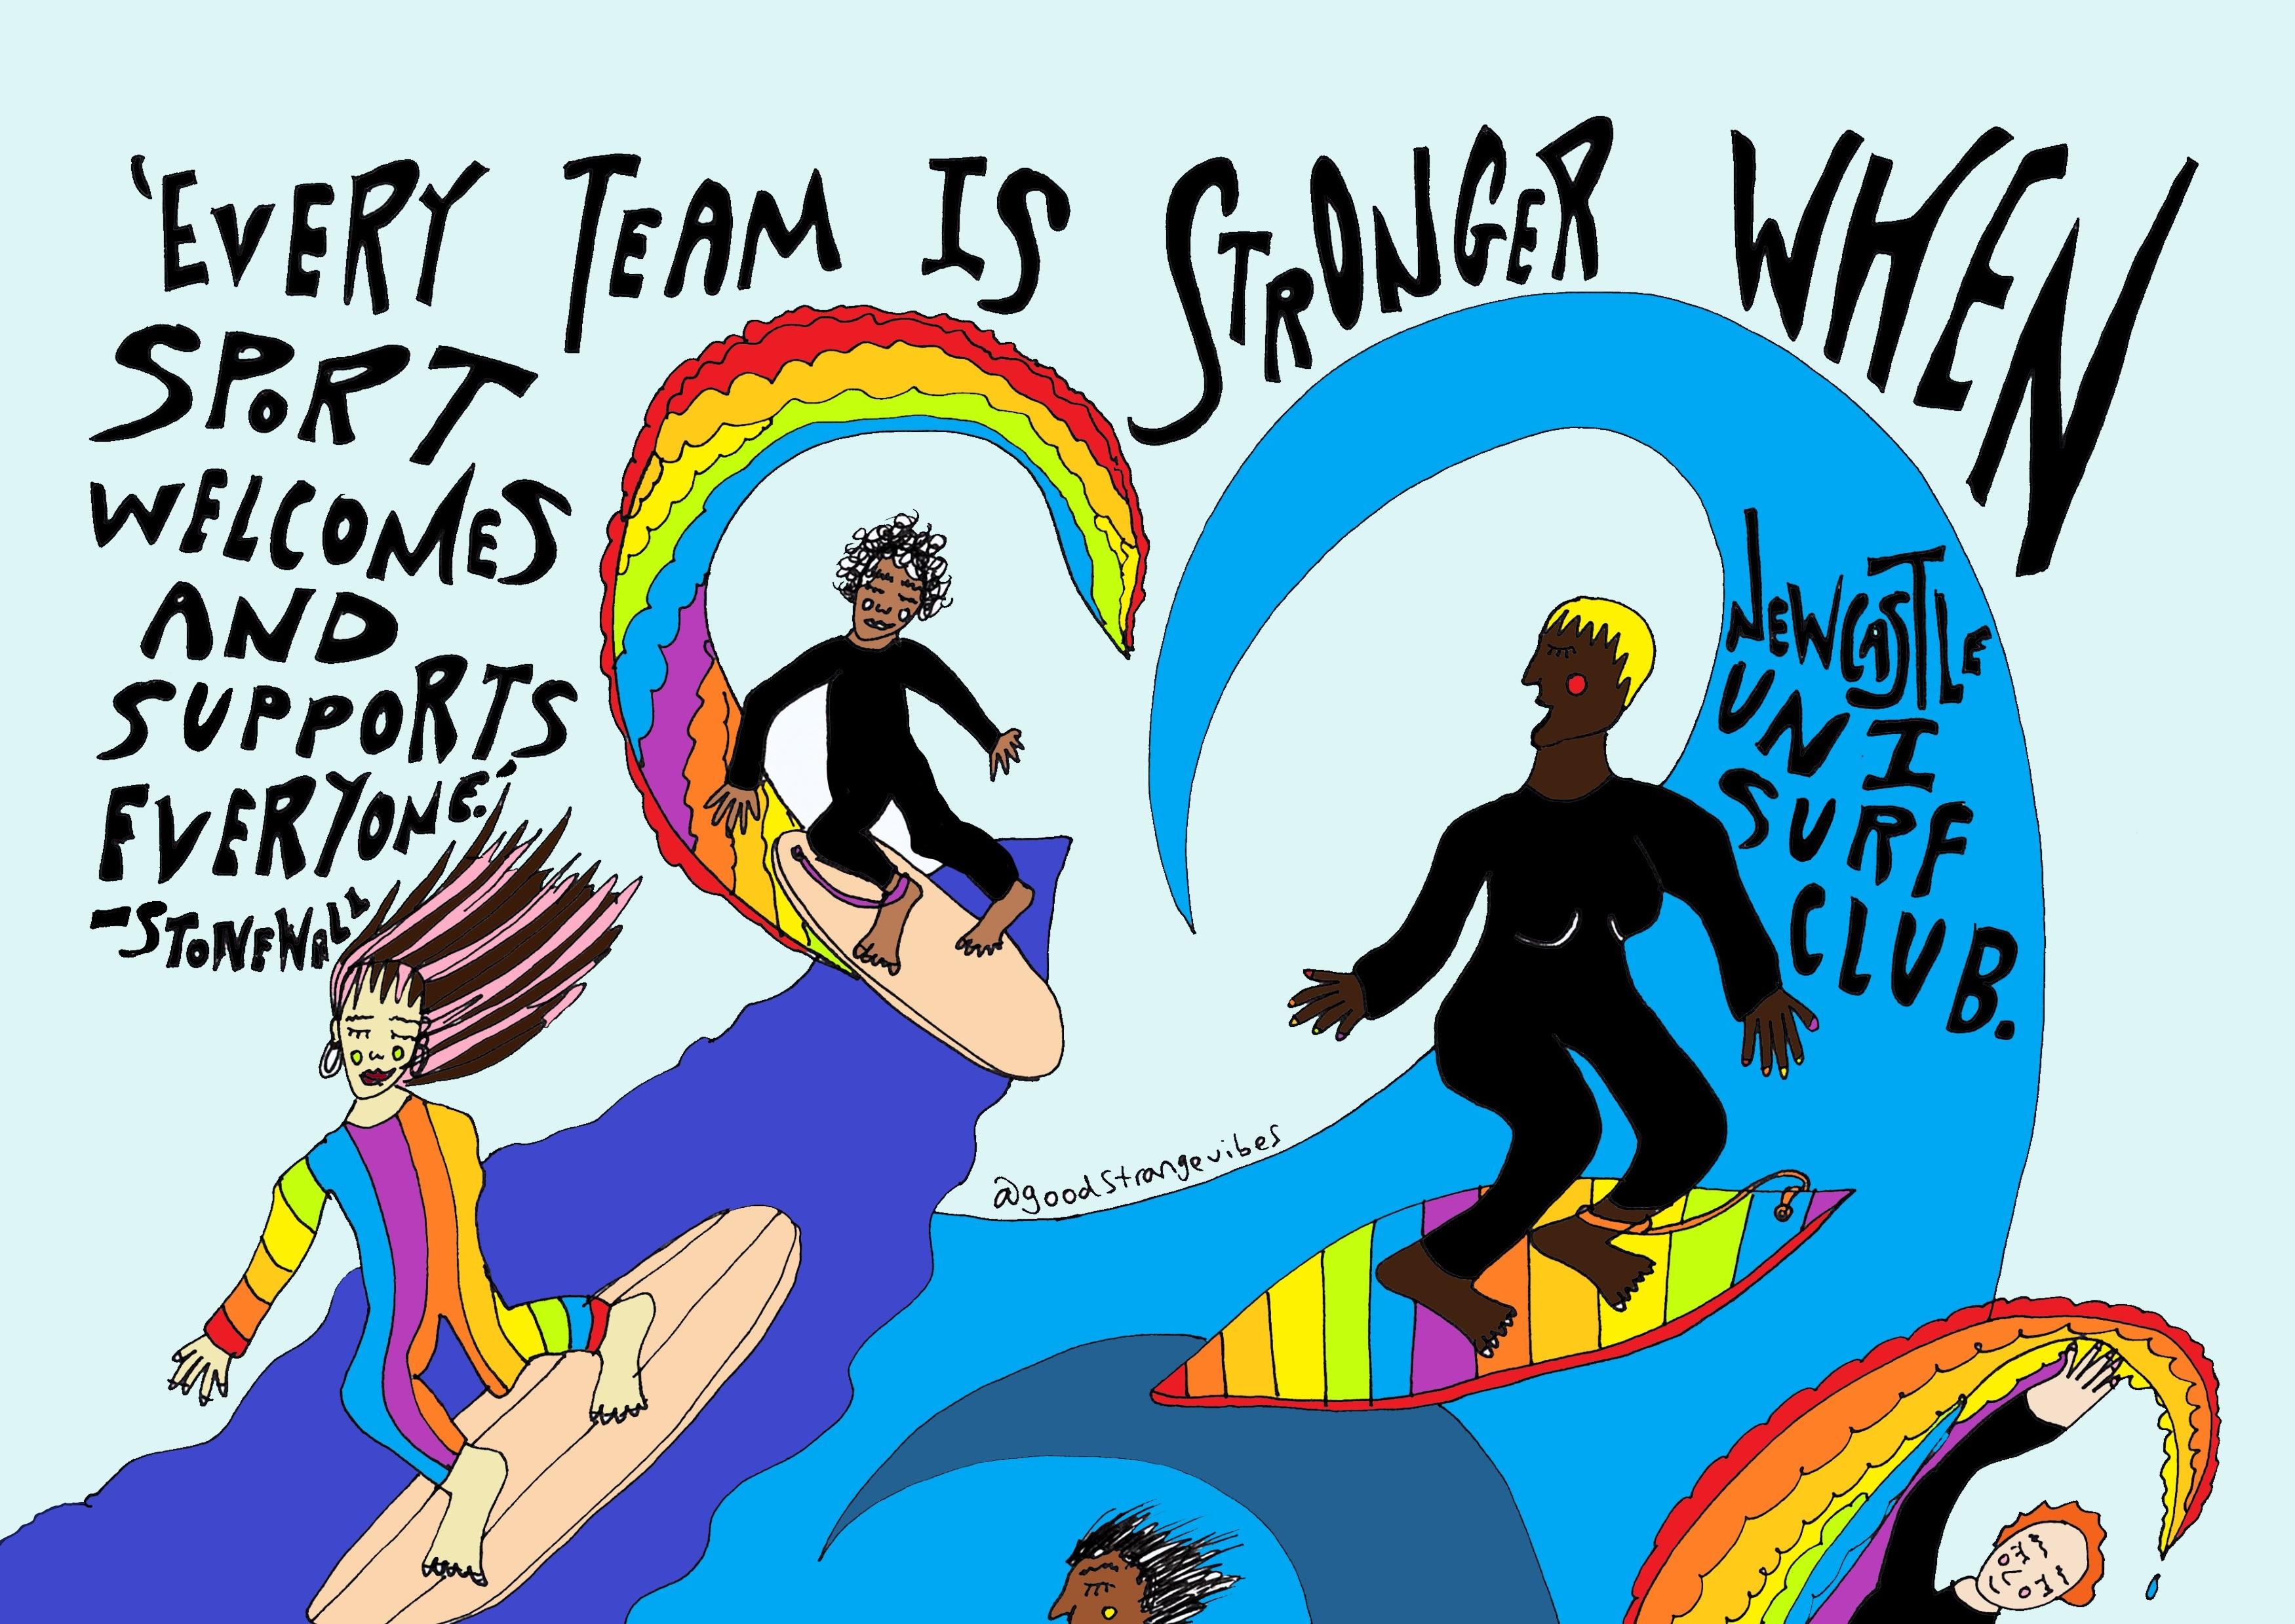 LGBTQ+ Surf